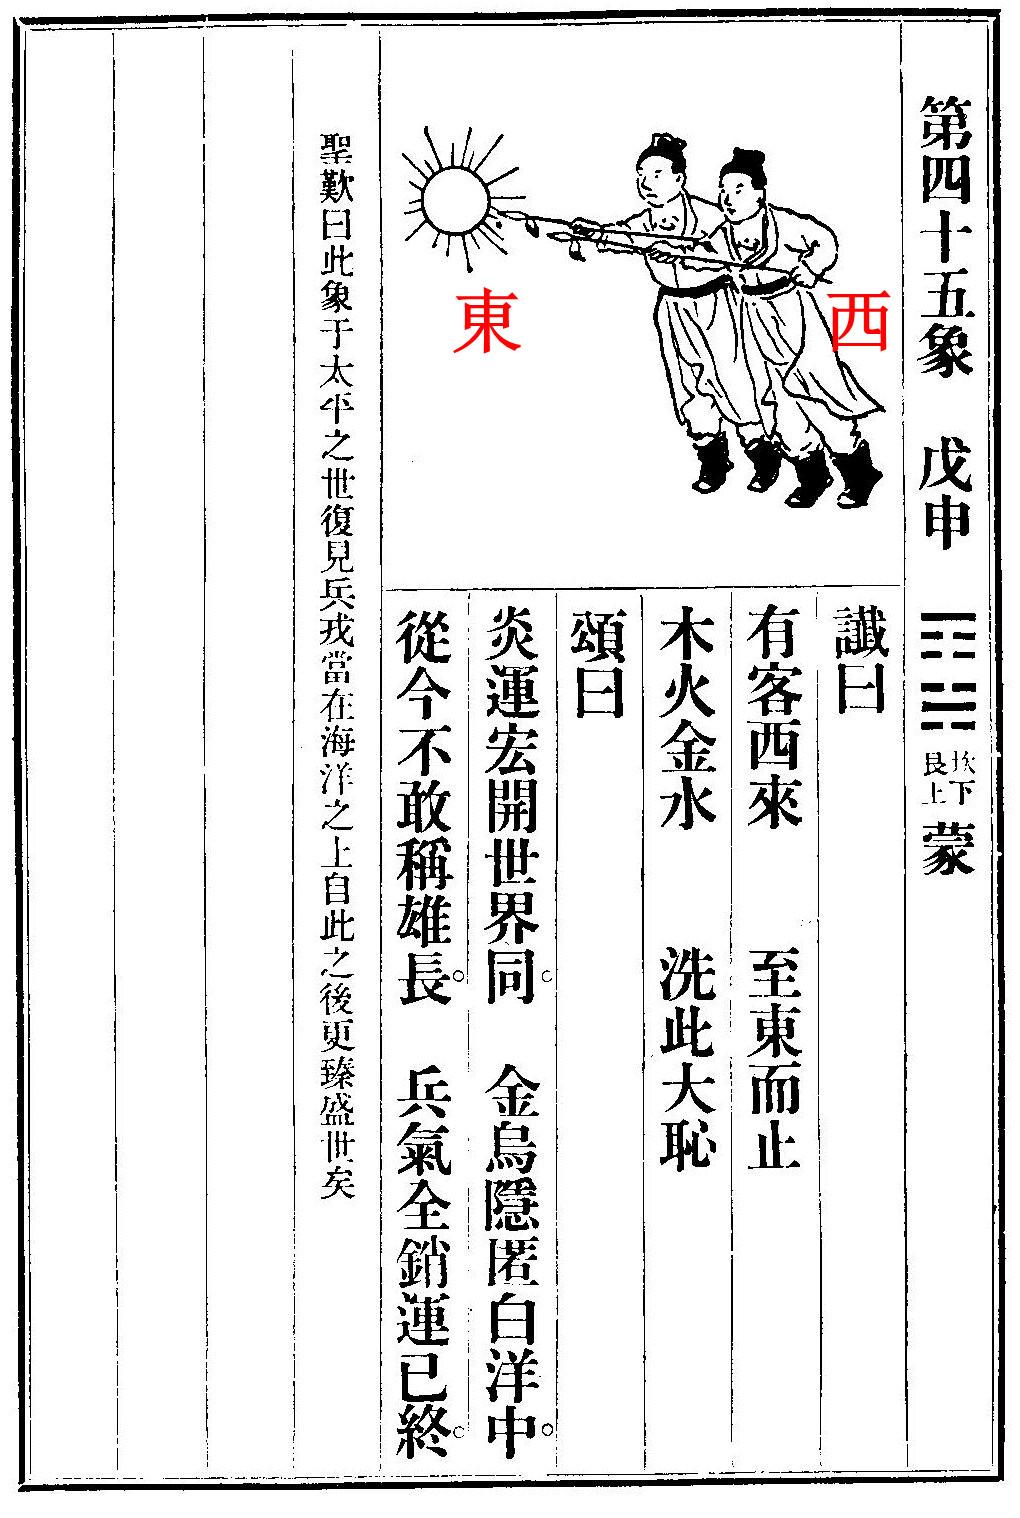 紫色角落: 新解推背圖預言(六) 釣魚臺是誰的?拳頭姆說了算…中日再戰的序曲是統一